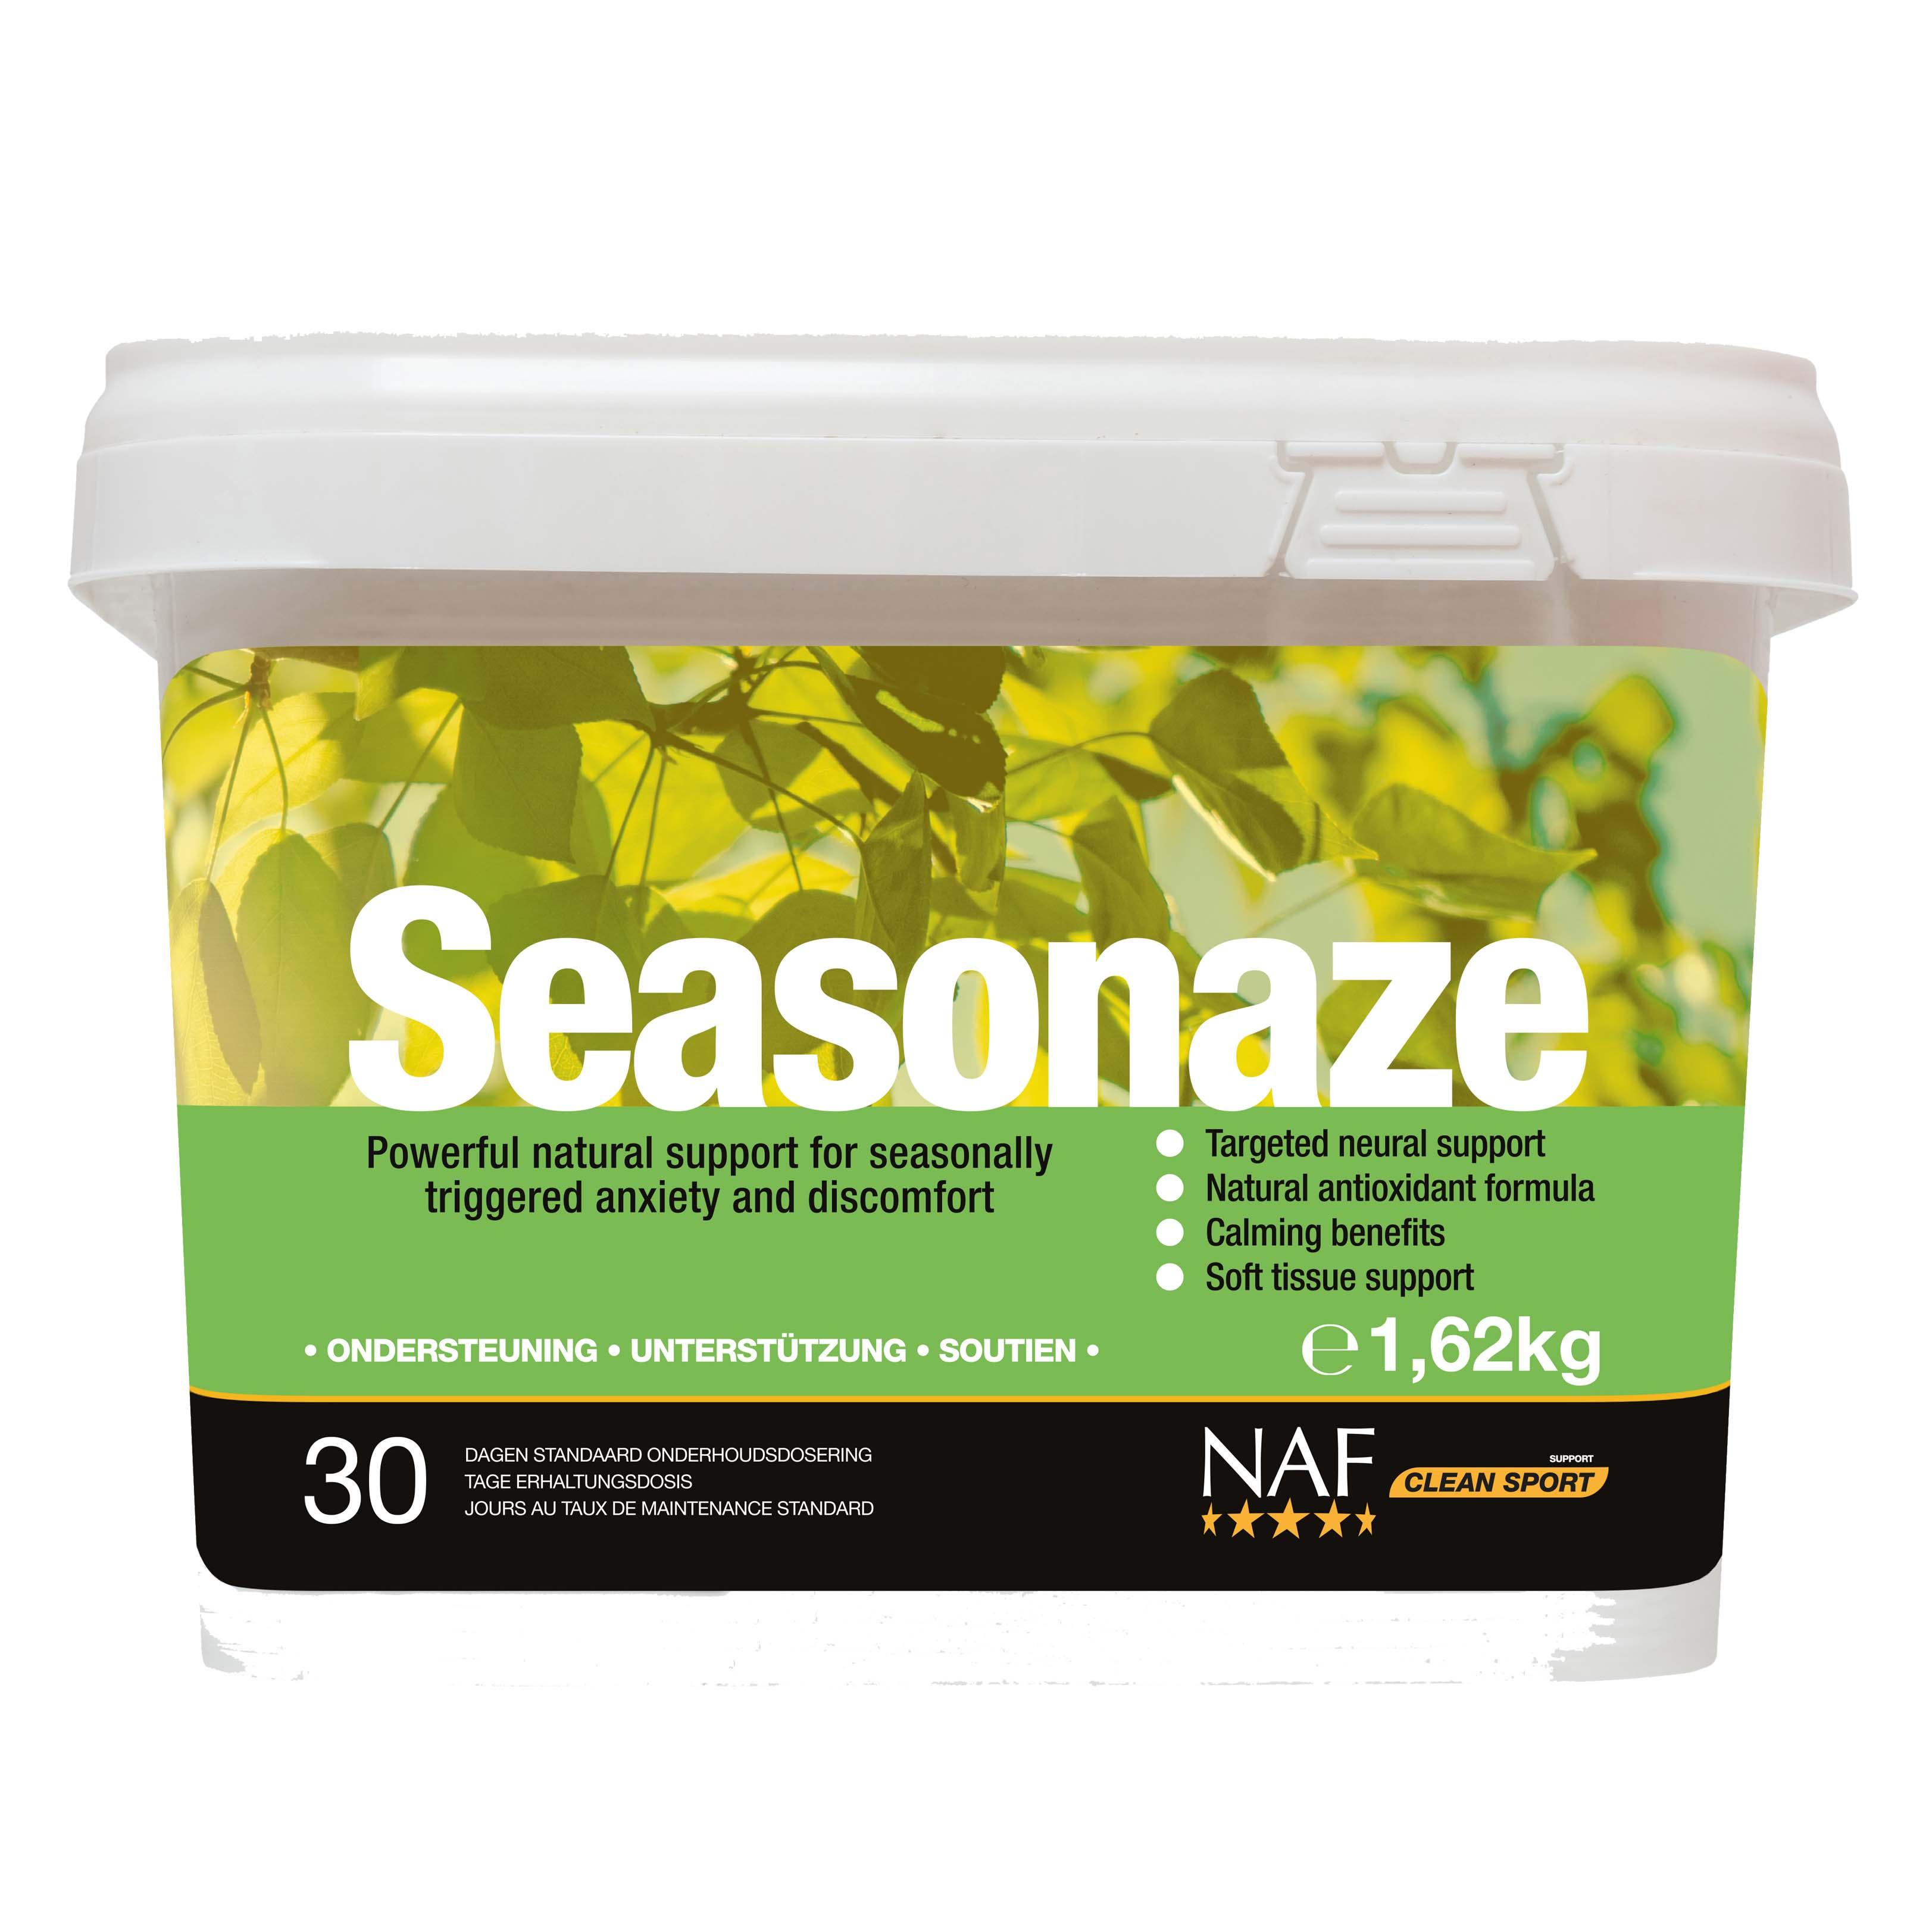 NAF Seasonaze 1.62kg